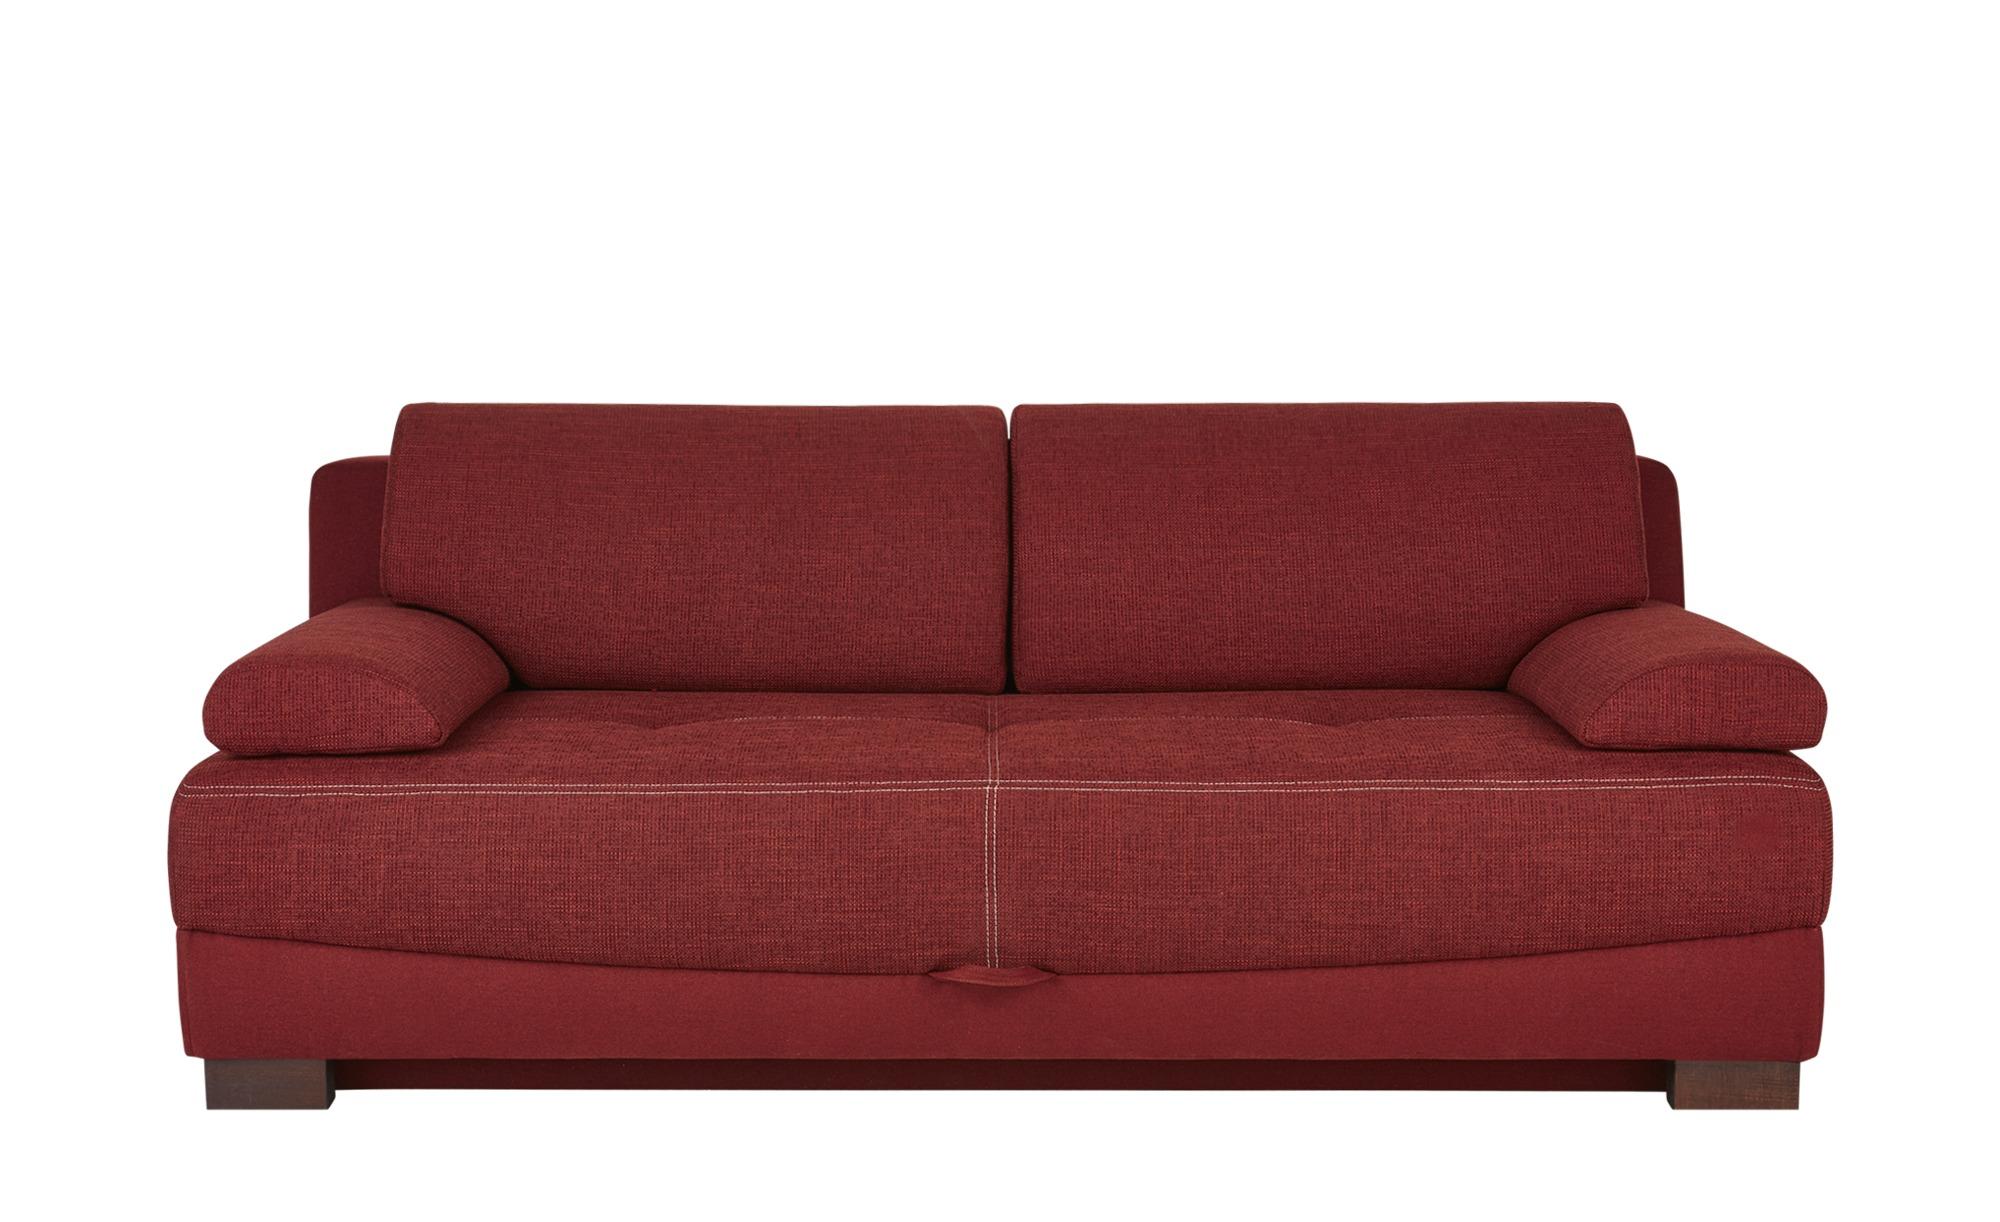 Ledersofa Neu Beziehen Sofa Slipcover Online Shopping Couch 2 Sitzer Leder Couch Billig Graz Wohnzimmer Couch Mit Schlaff In 2020 Moderne Couch Schlafsofa Sofa